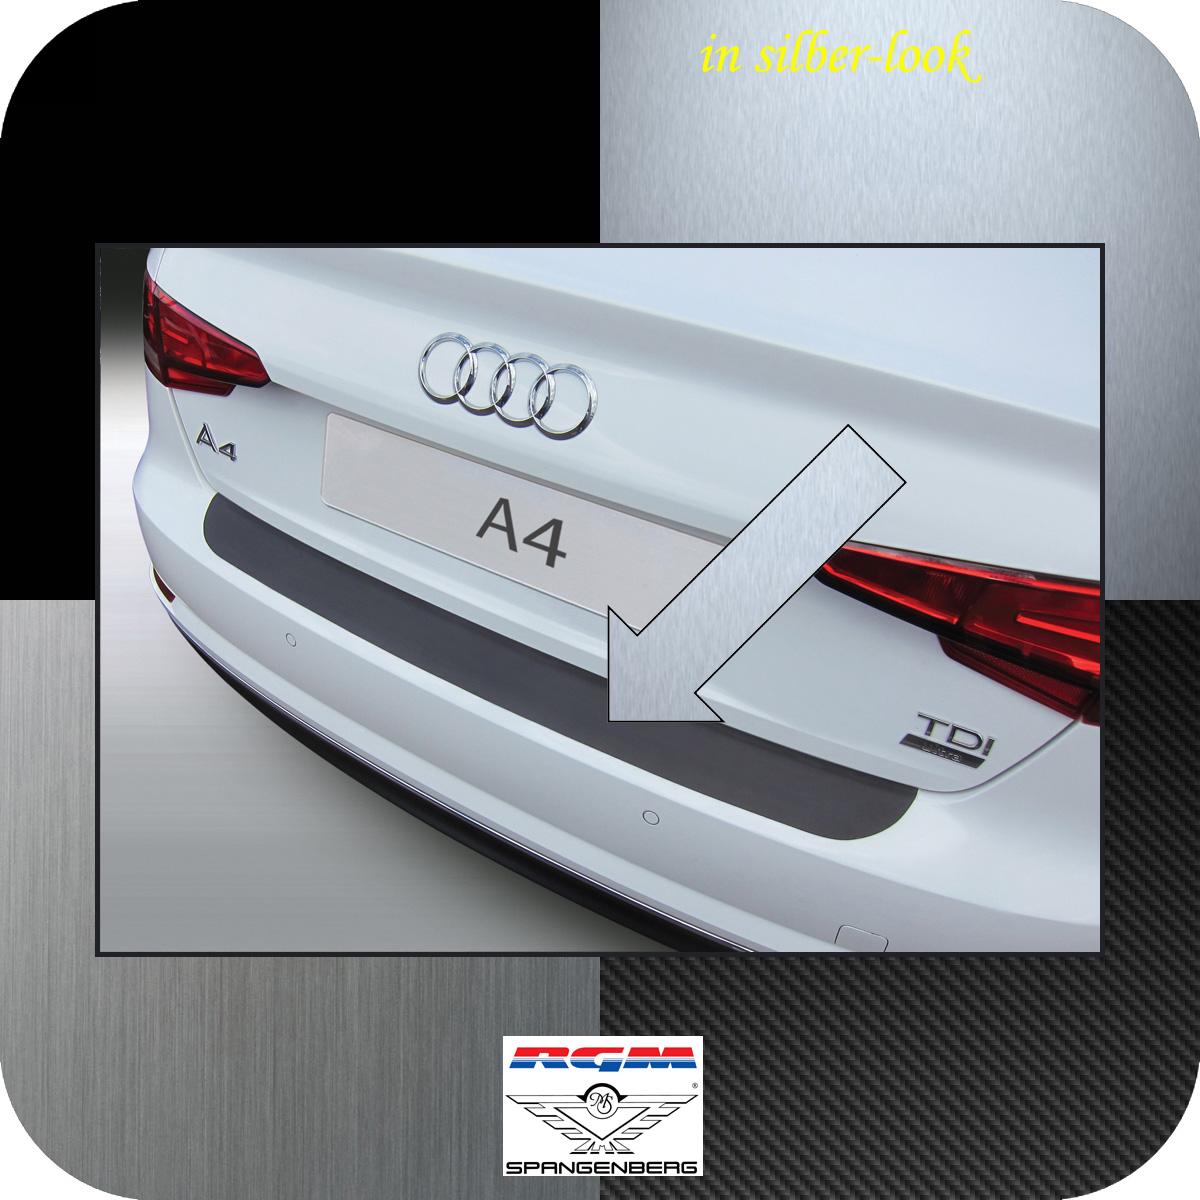 Ladekantenschutz Silber-Look Audi A4 B9 Limousine 4-Türer ab Bj 2015- 3506960